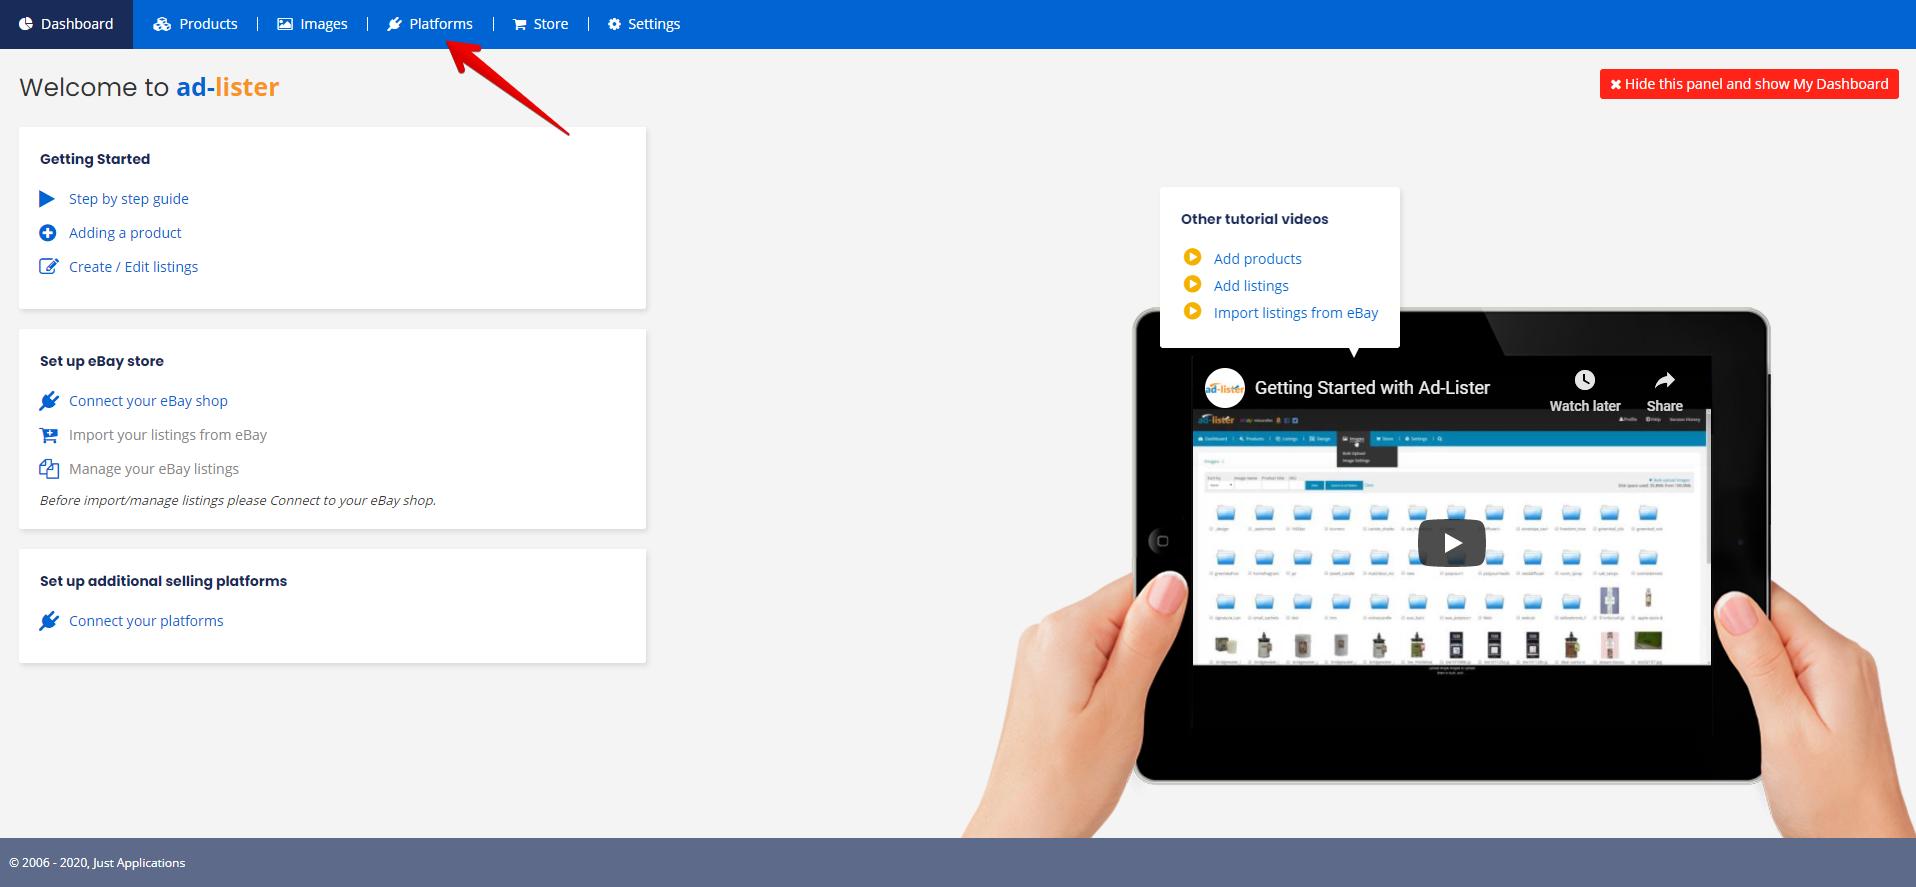 Adding platforms using top menu